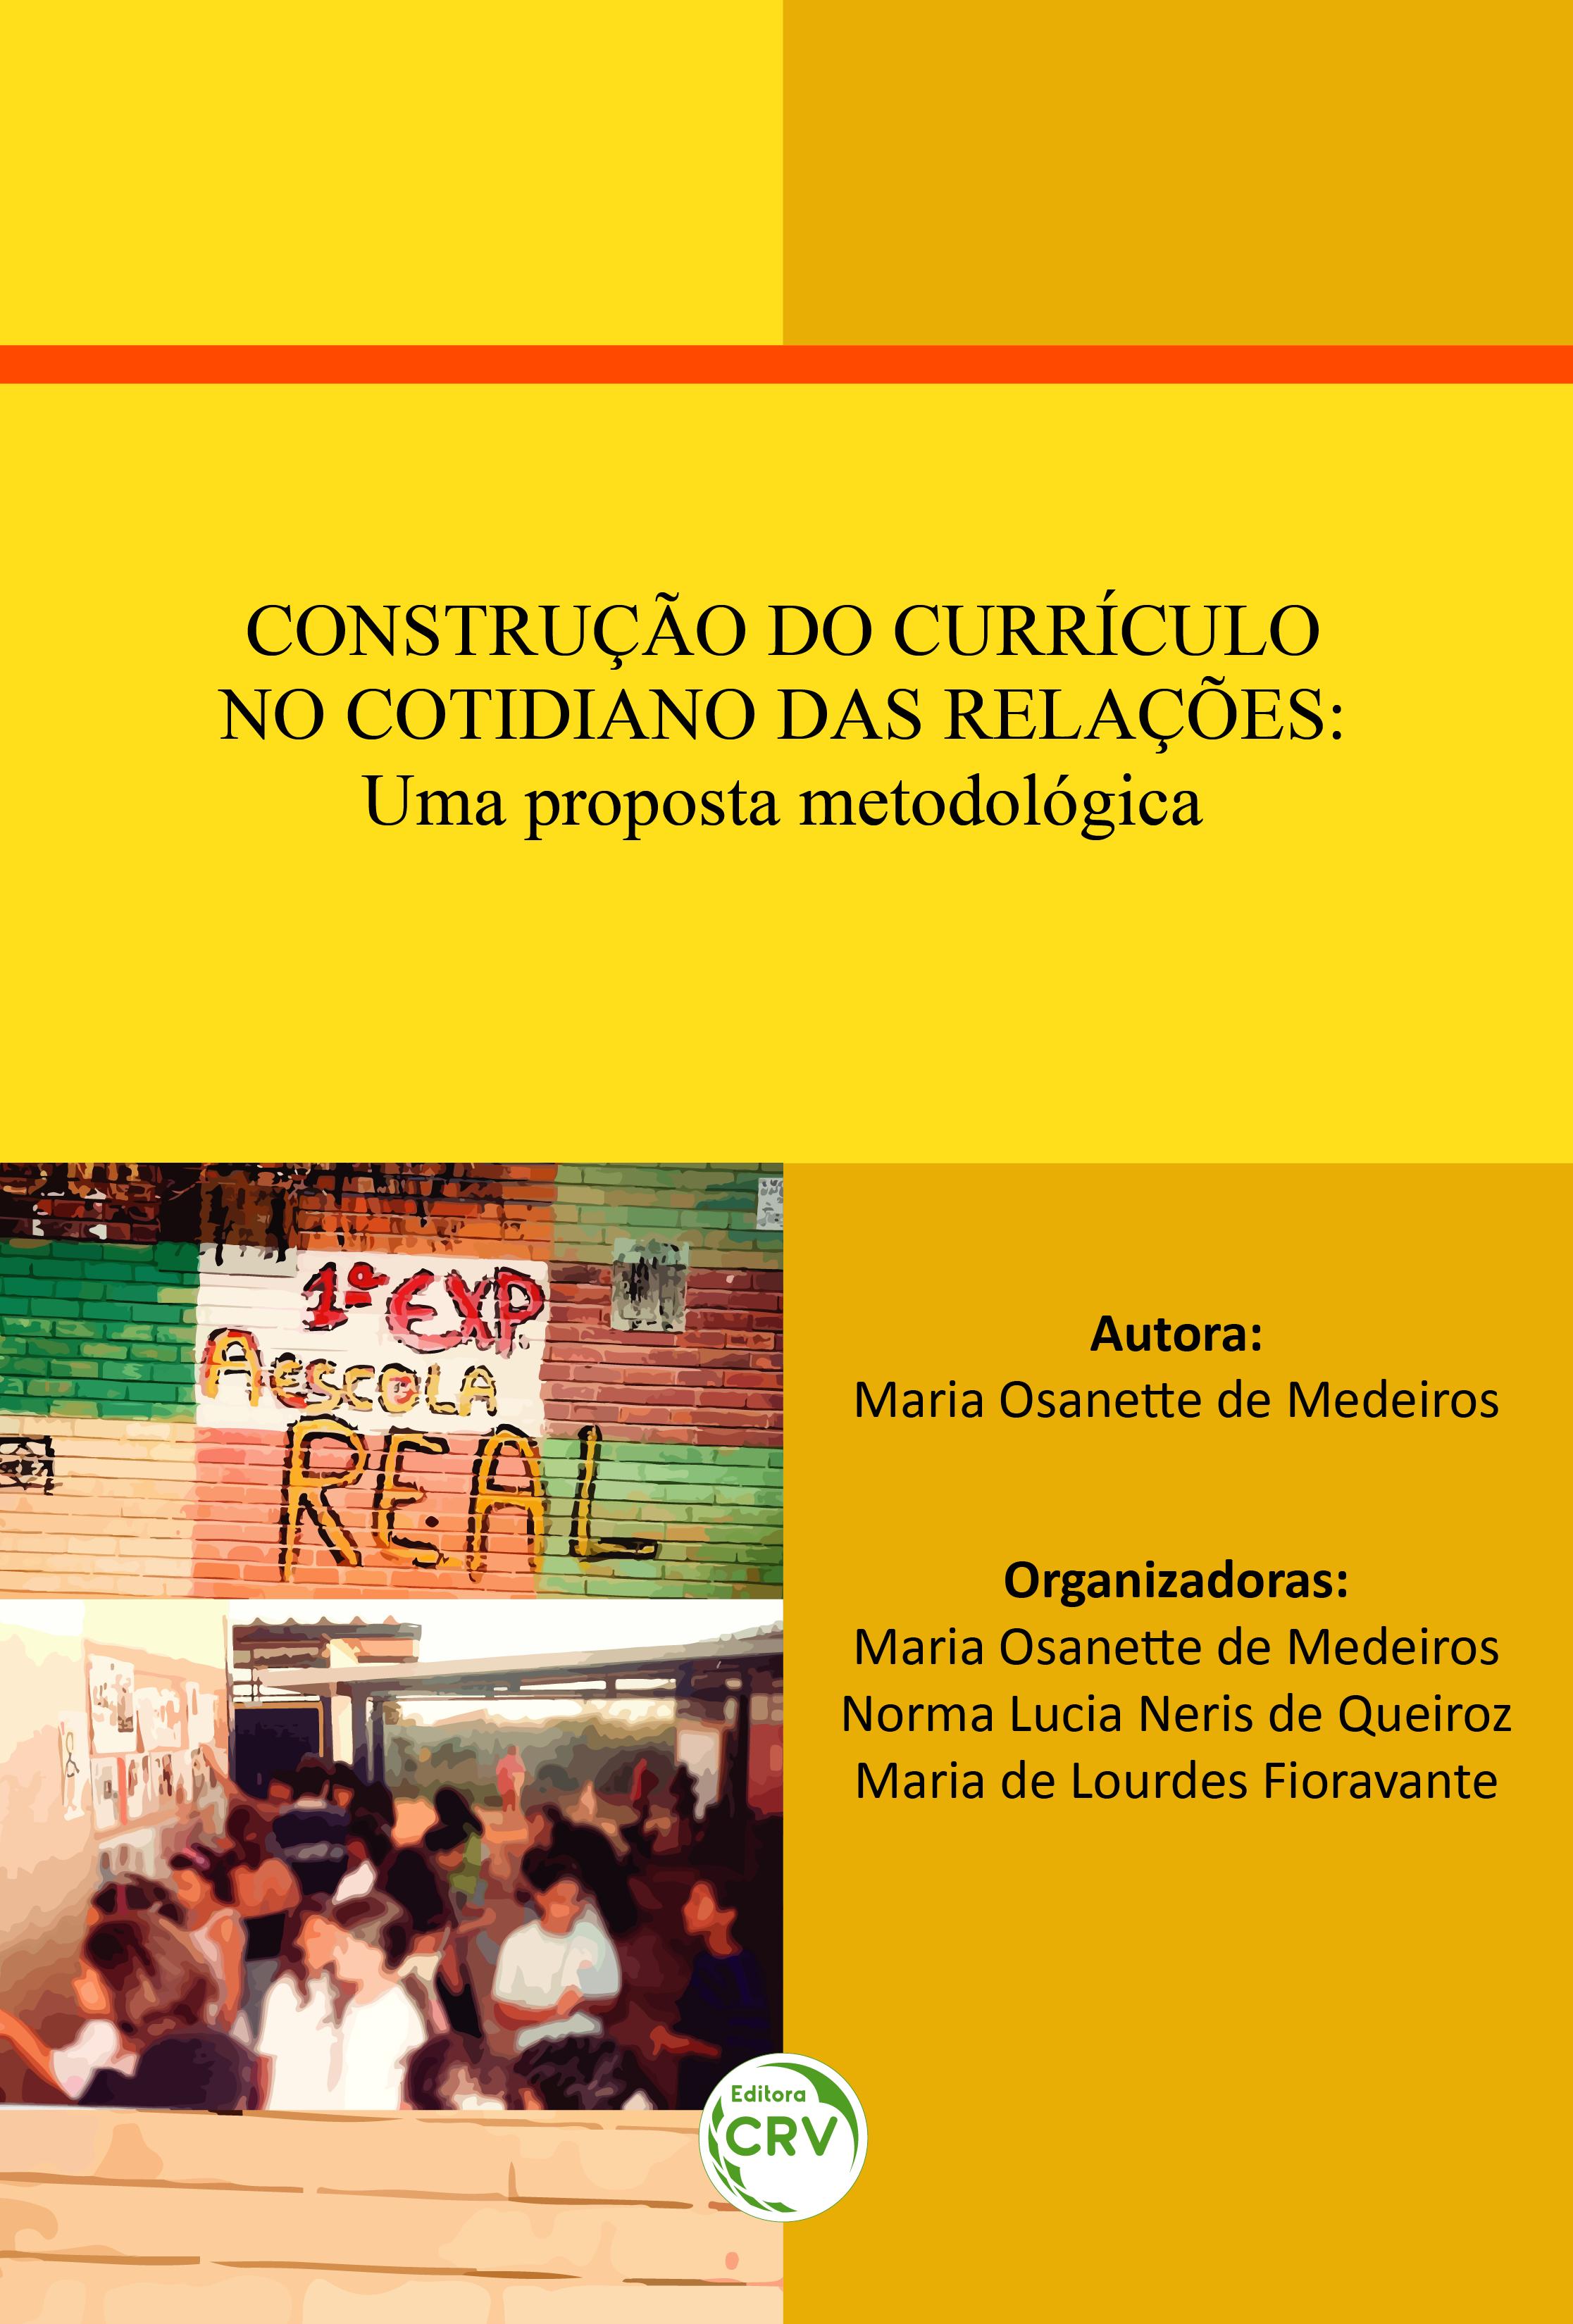 Capa do livro: CONSTRUÇÃO DO CURRÍCULO NO COTIDIANO DAS RELAÇÕES: <br>uma proposta metodológica